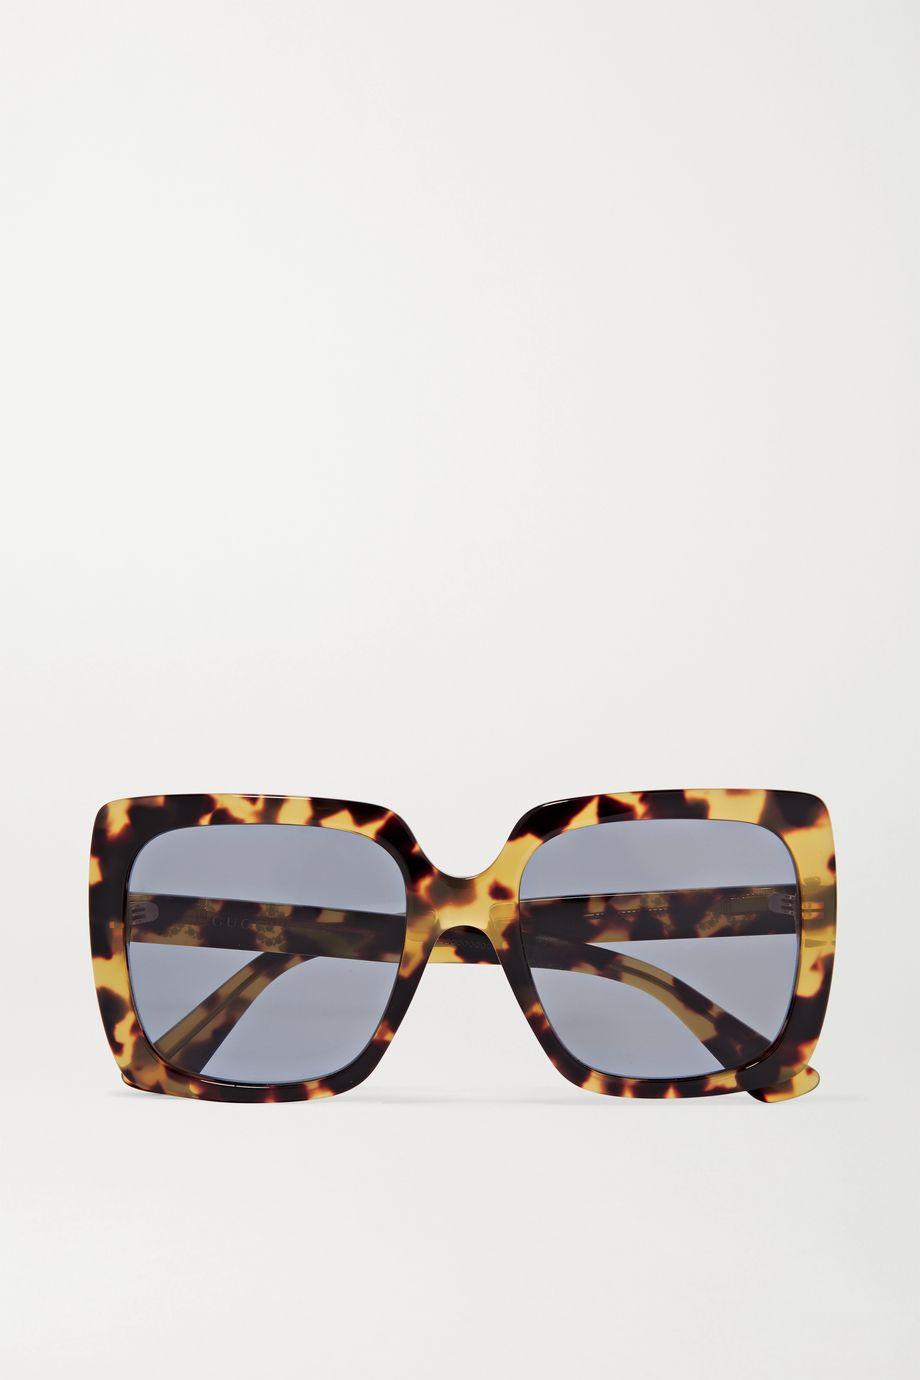 Gucci Oversized-Sonnenbrille mit eckigem Rahmen aus Azetat in Hornoptik und Kristallen